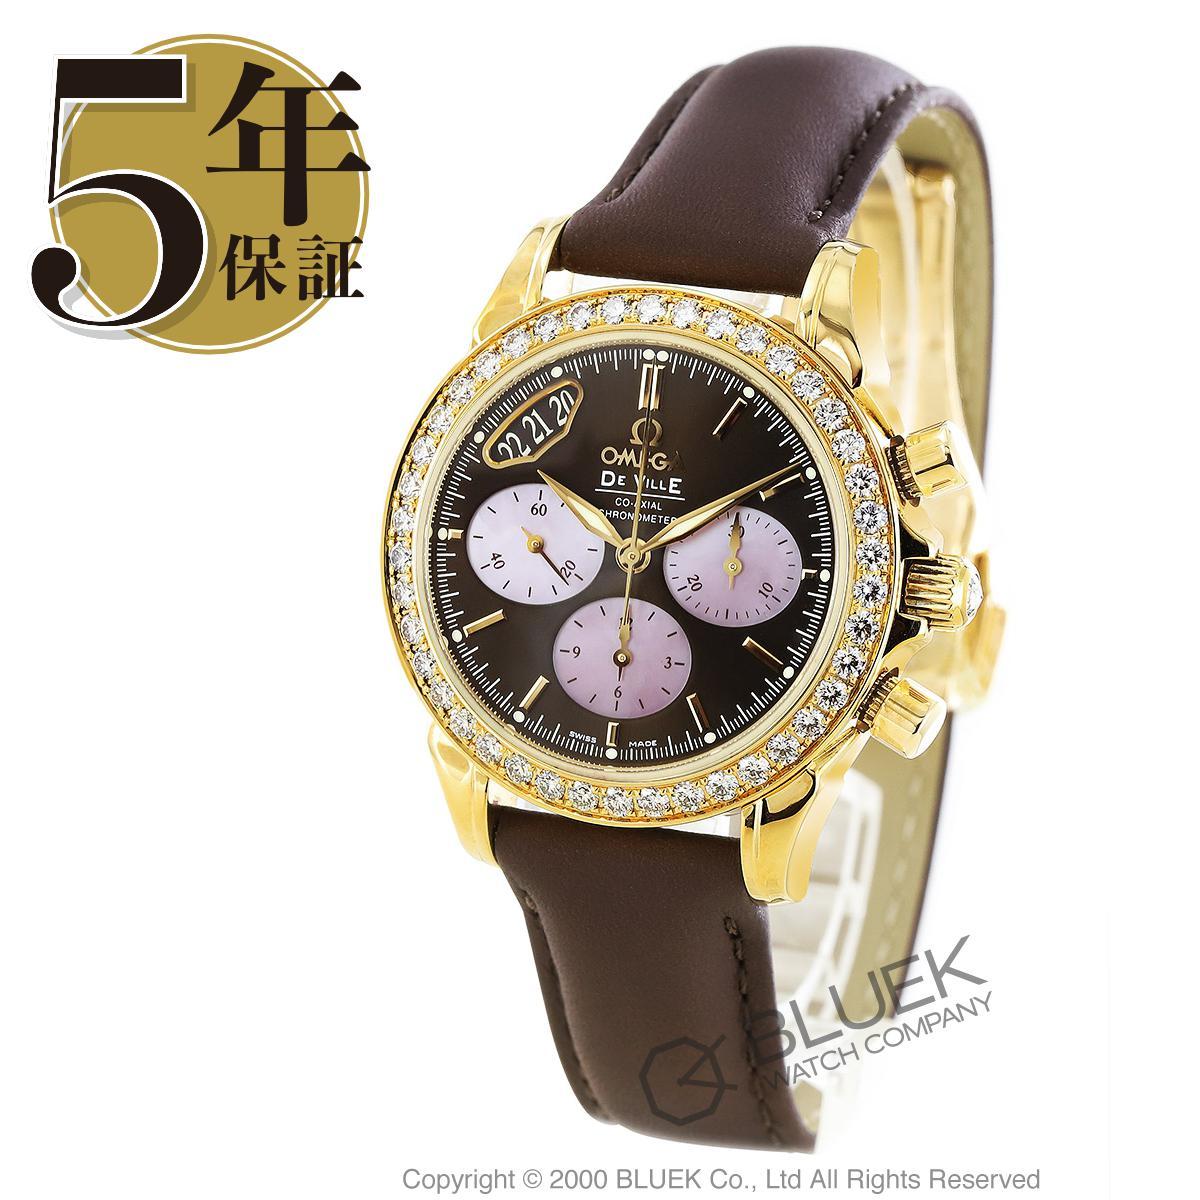 オメガ デビル クロノグラフ ダイヤ YG金無垢 腕時計 レディース OMEGA 4673.60.37_5